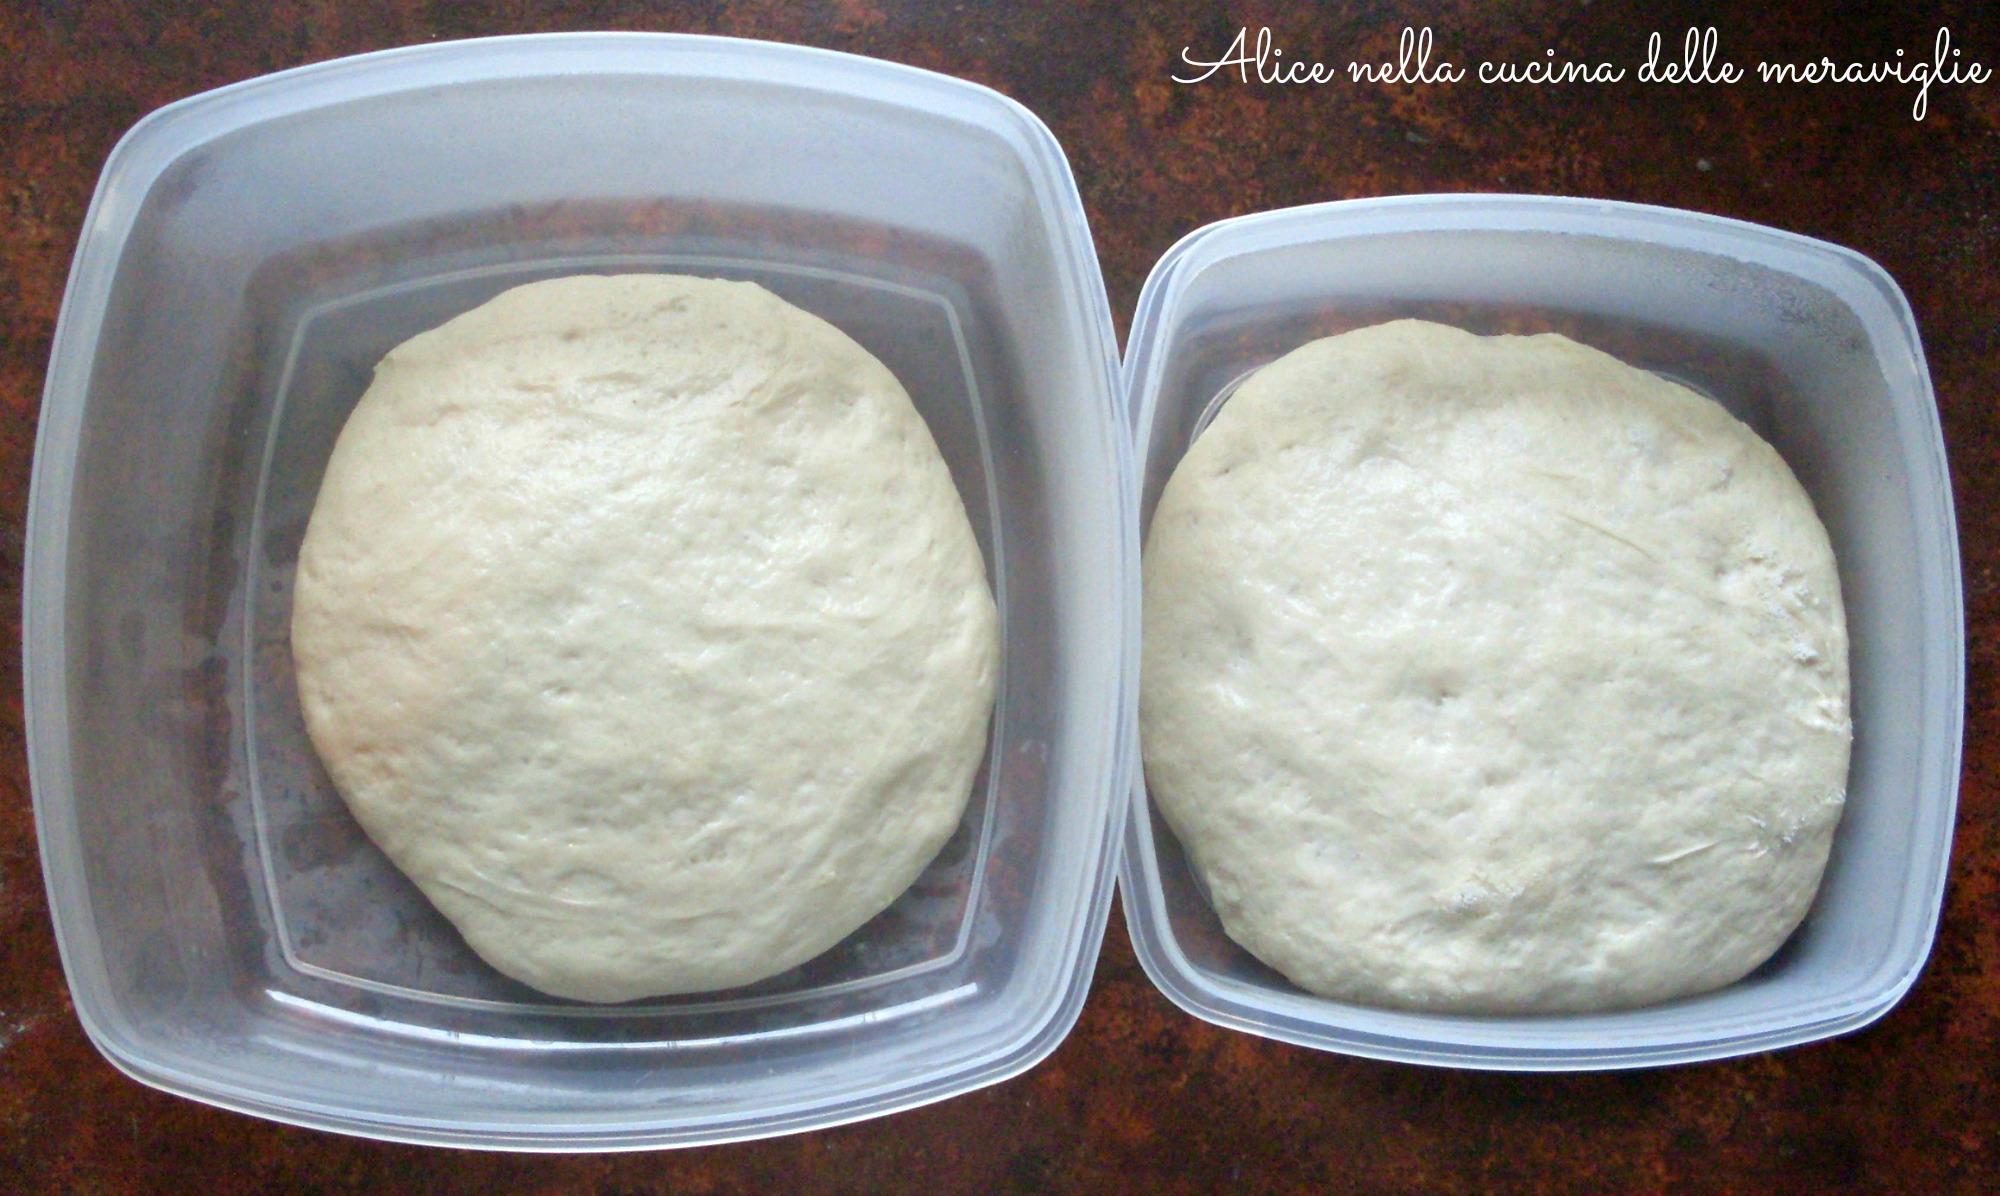 Pizza napoletana Ricetta base Alice nella cucina delle meraviglie